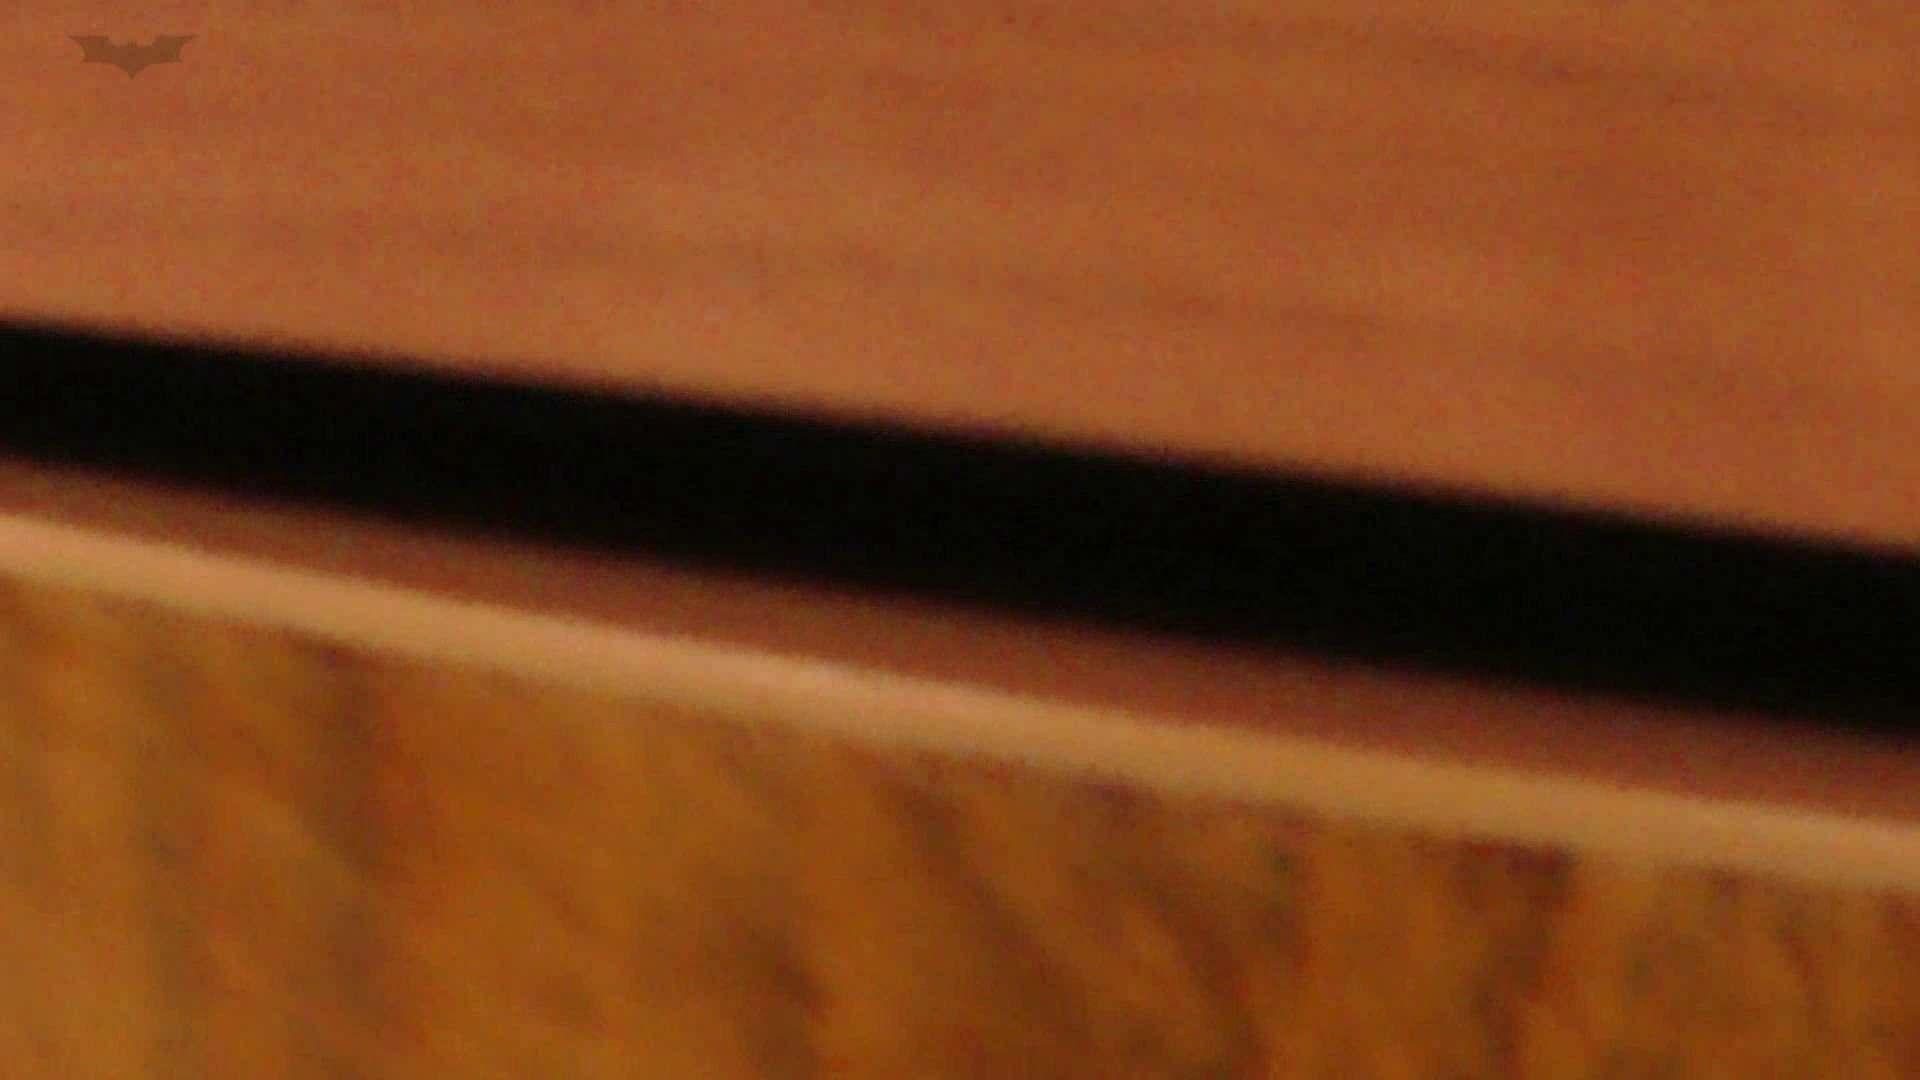 悪戯ネットカフェ Vol12 二人を好き放題イジっちゃいました。 高画質動画 ヌード画像 47画像 5